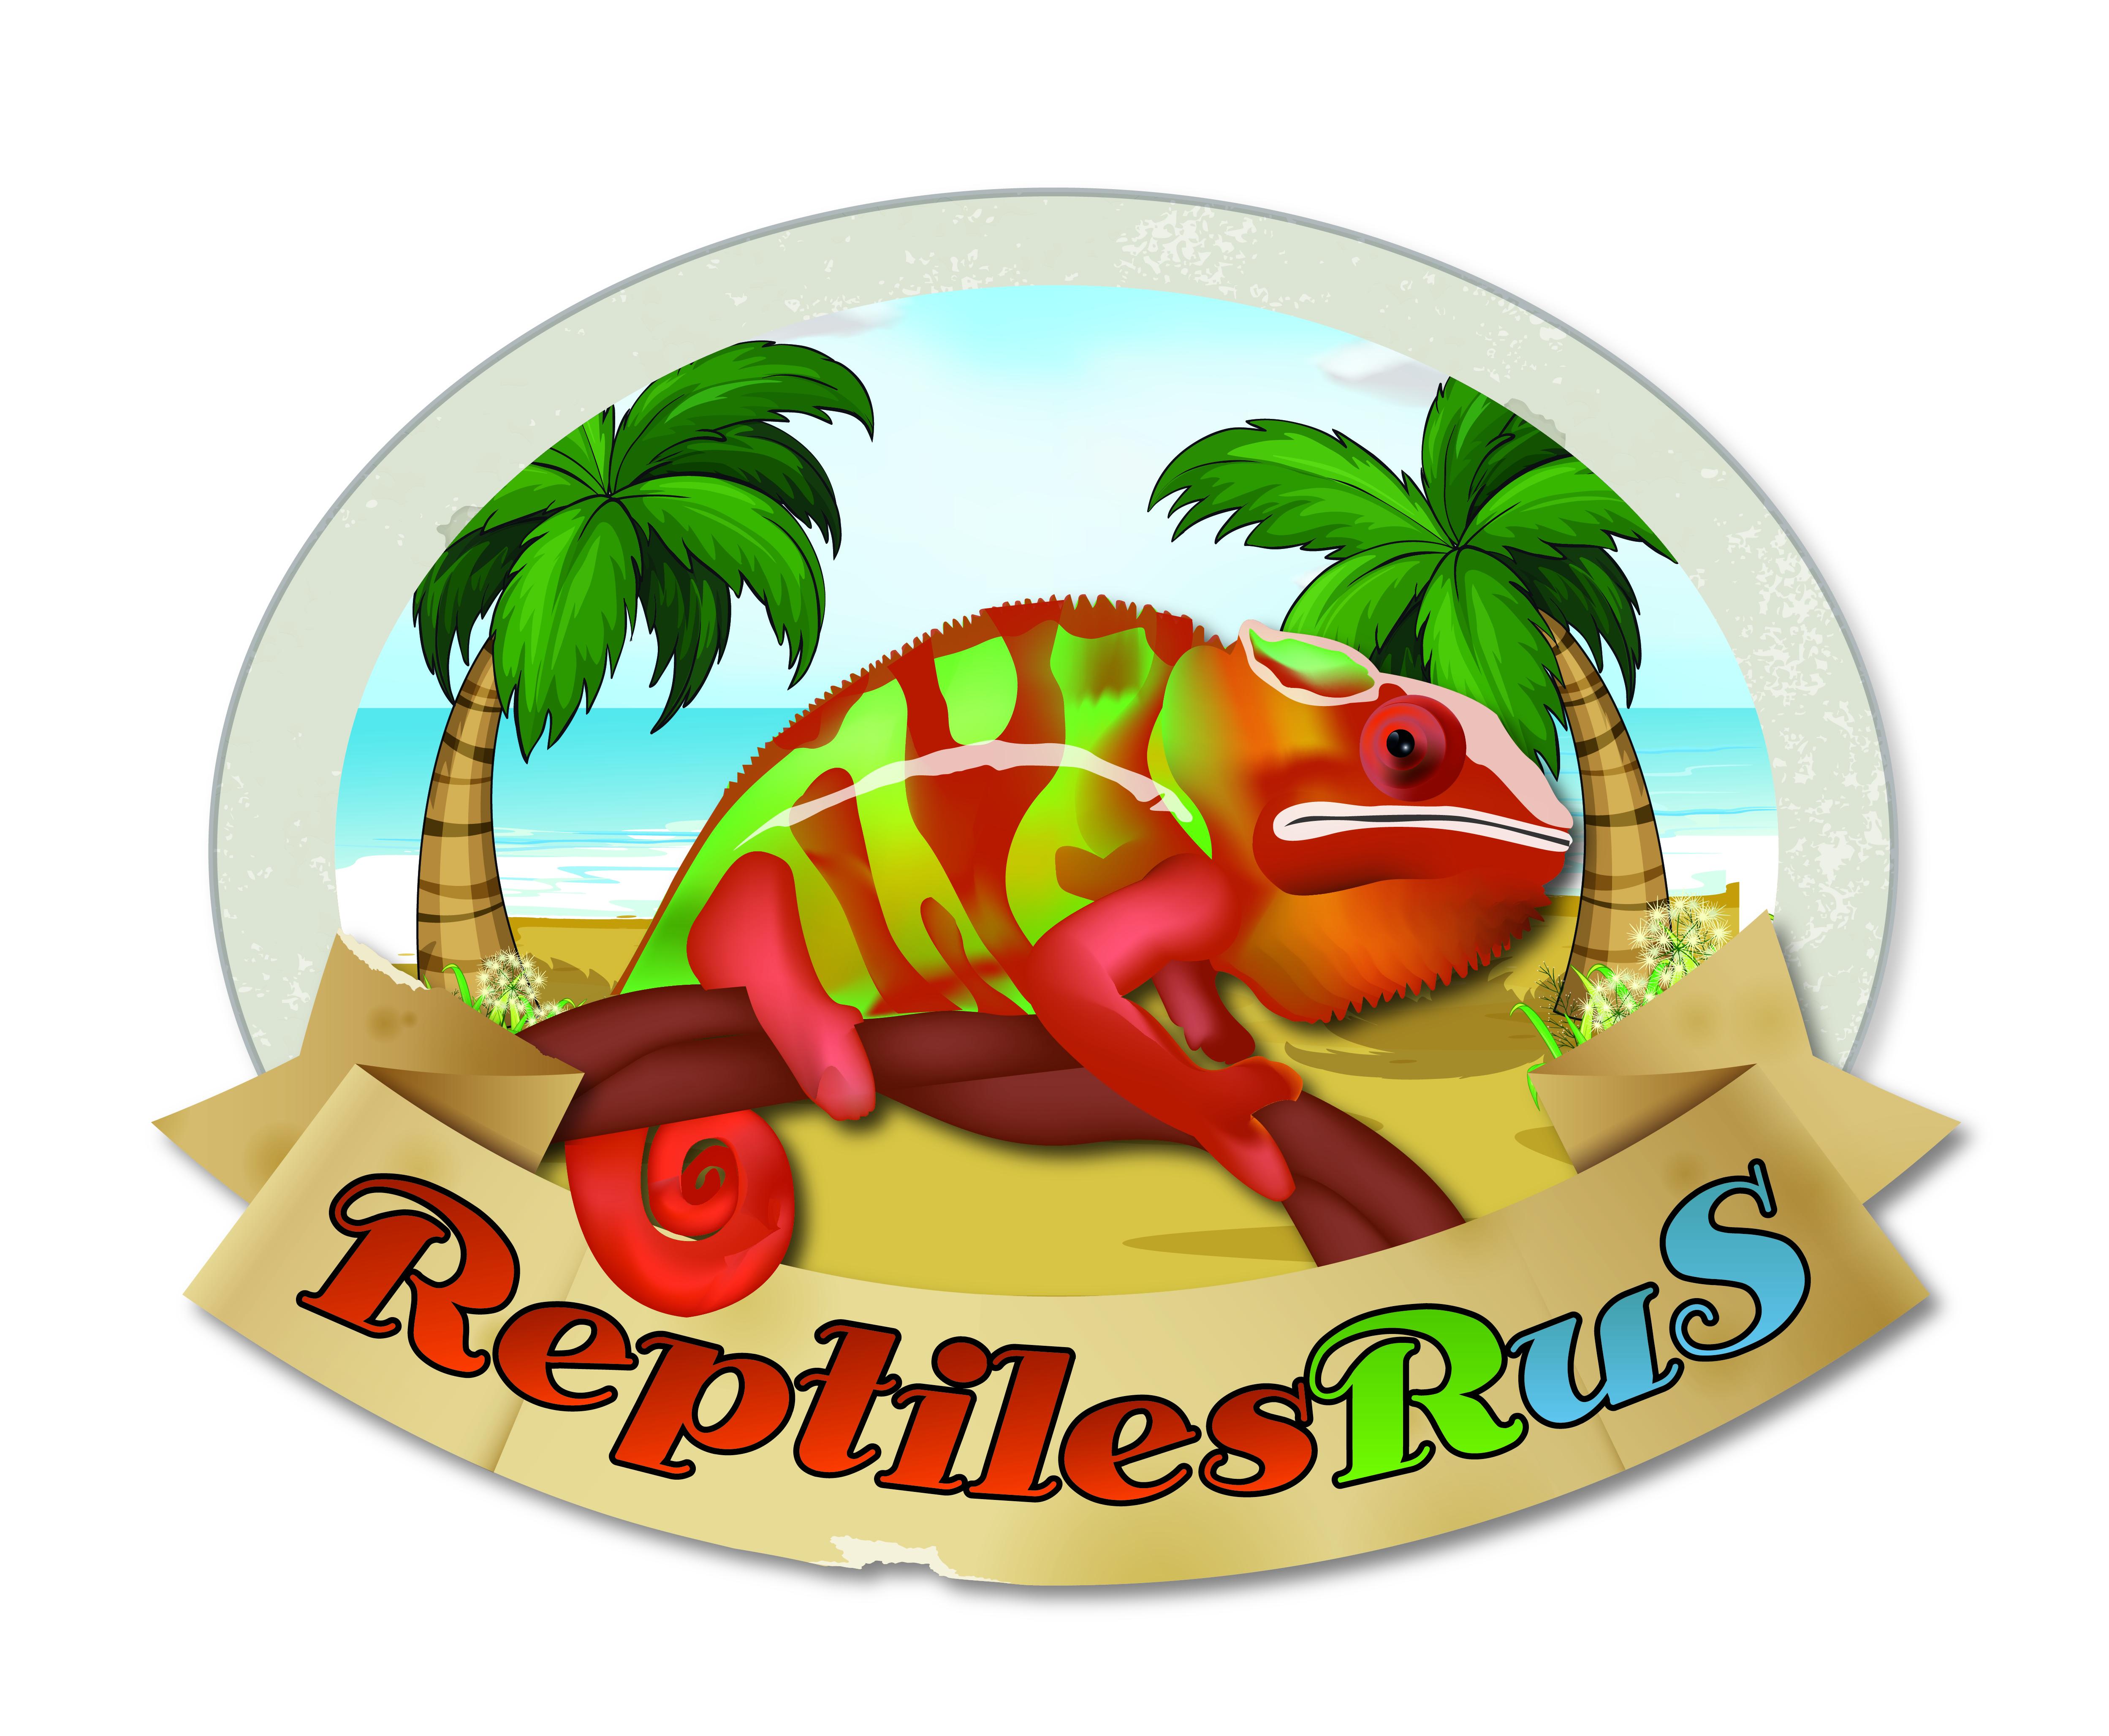 reptilesrus.jpg